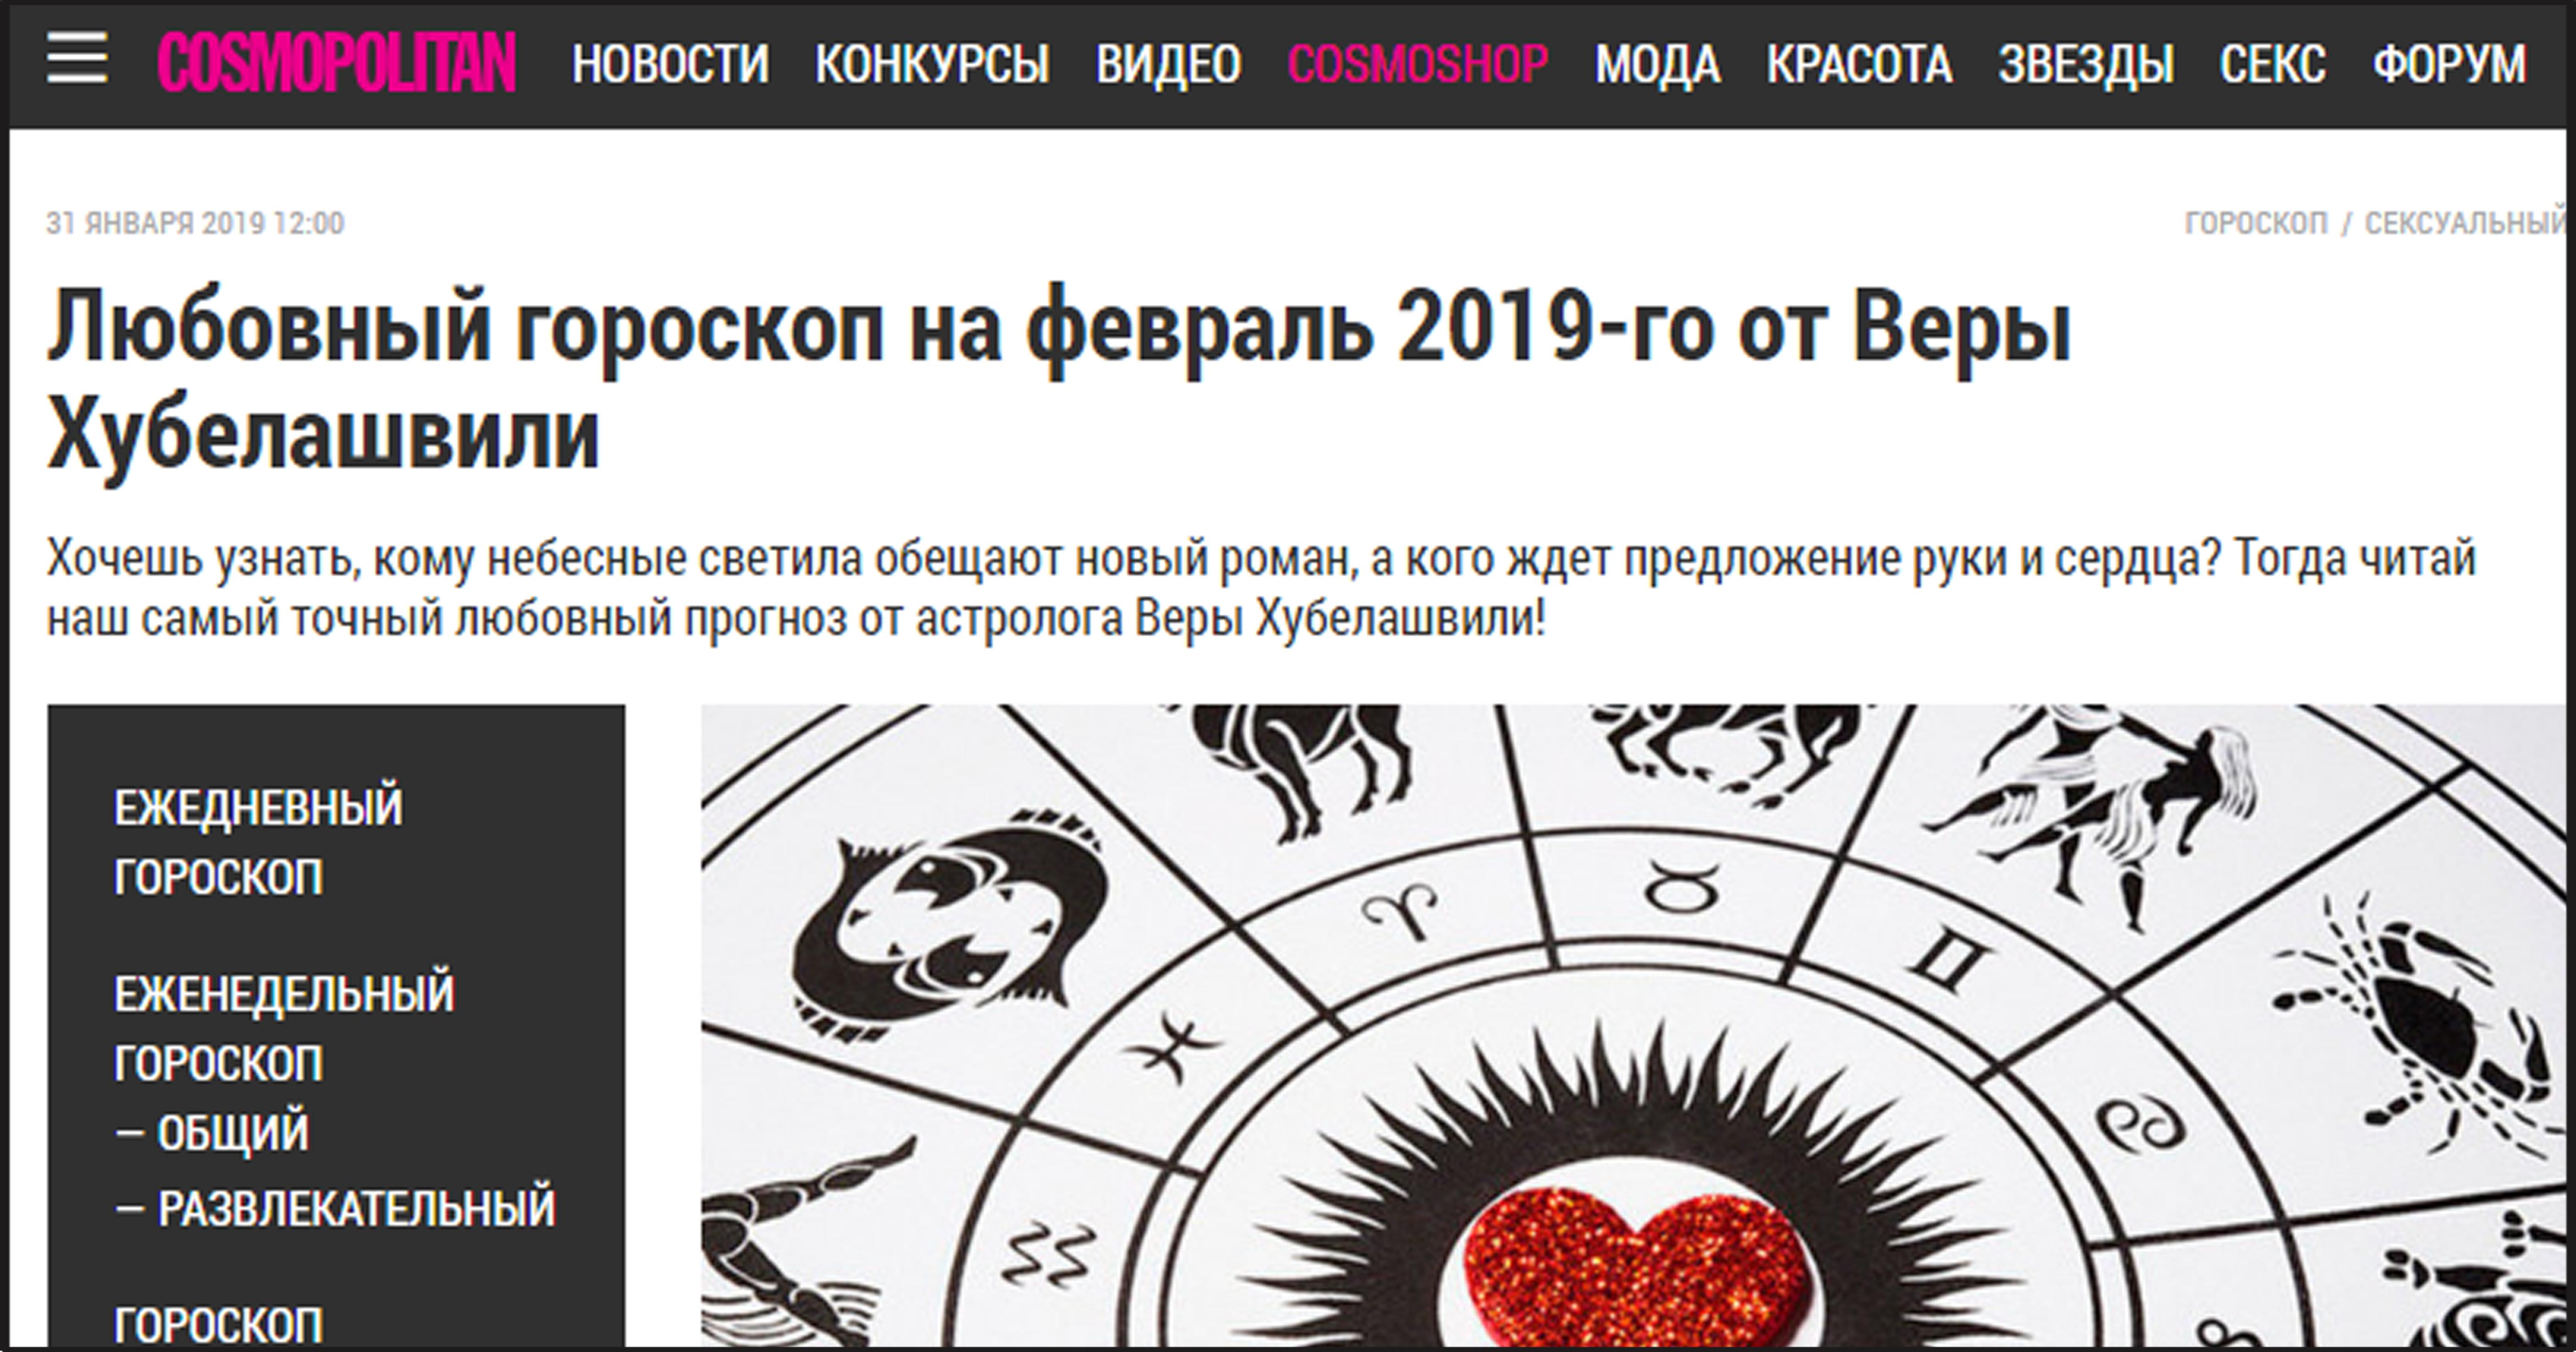 ЛЮБОВНЫЙ ГОРОСКОП НА ФЕВРАЛЬ 2019 [*ПУБЛИКАЦИЯ ПОДГОТОВЛЕНА ДЛЯ COSMOPOLITAN]